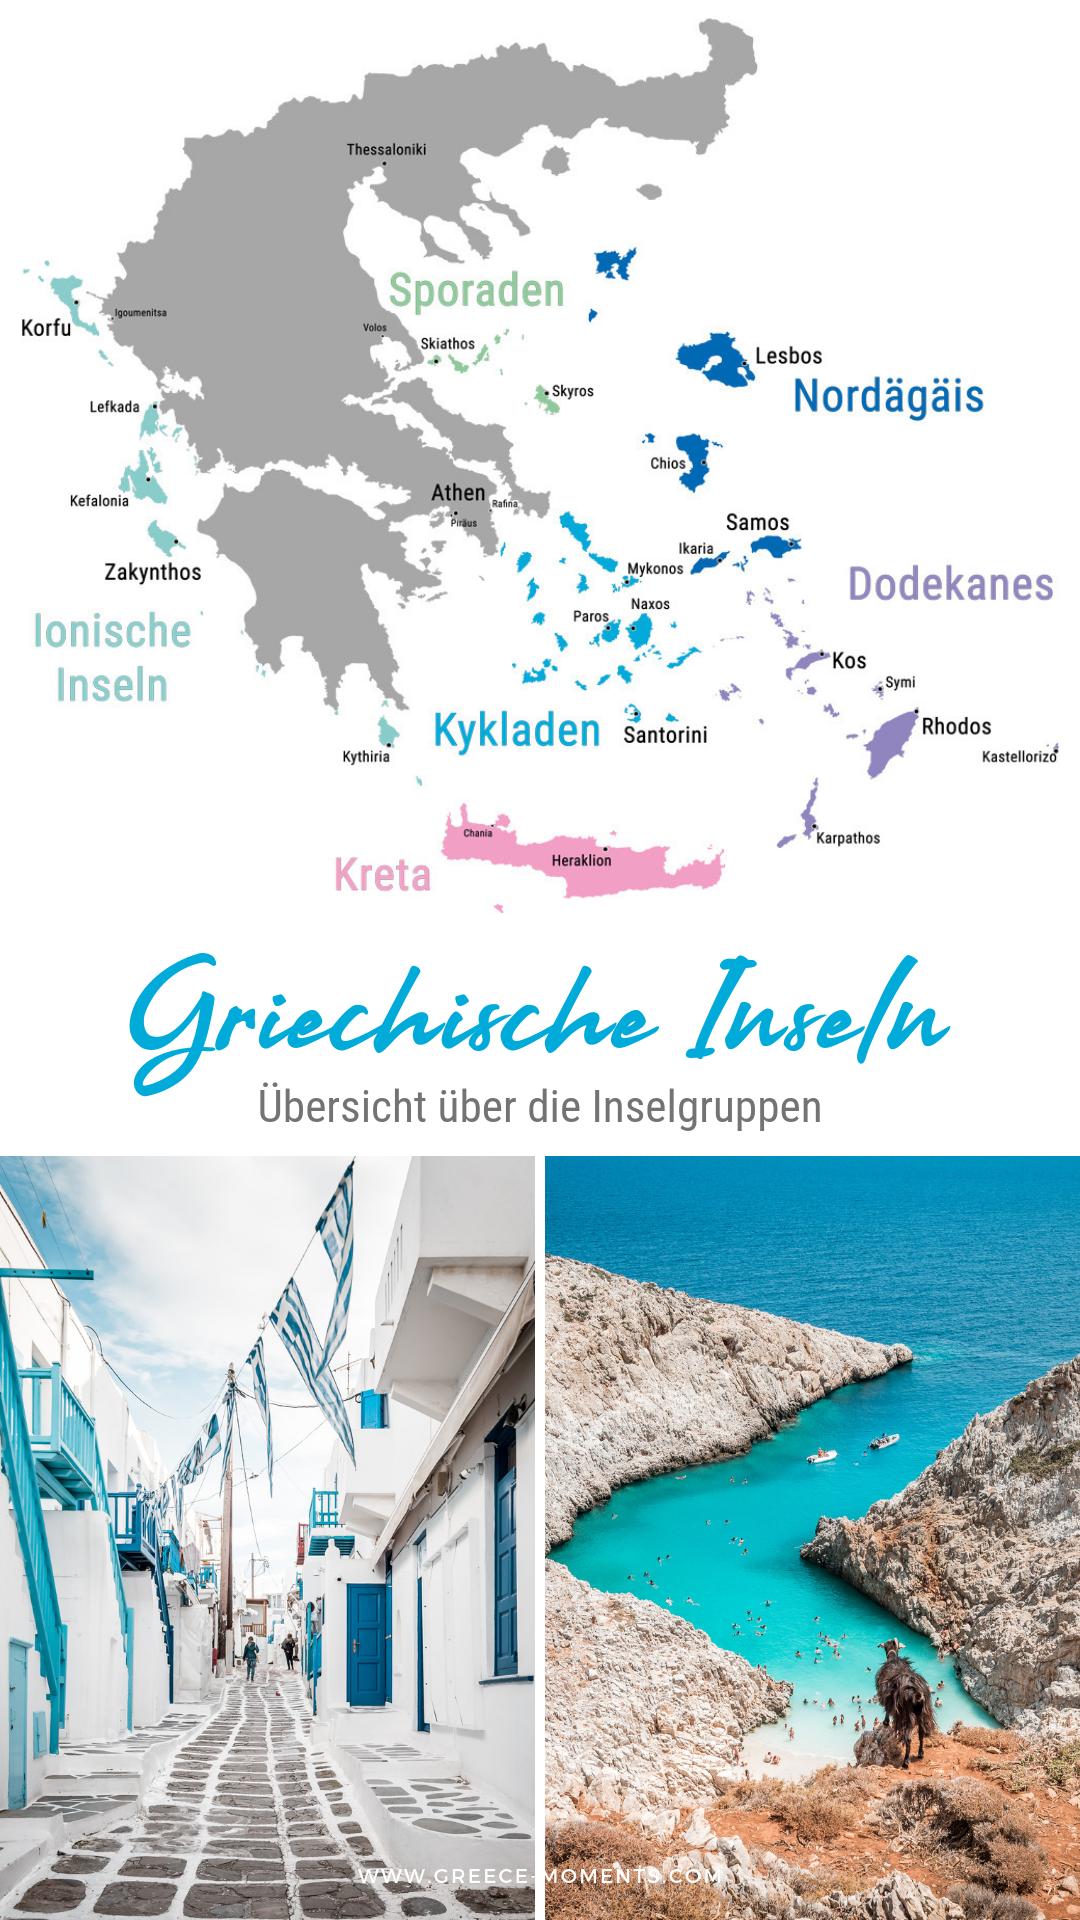 Griechische Inseln U00dcbersicht U2022 Die Sch U00f6nsten Inselgruppen Mit Karte Griechische Inseln U00 Island Travel Greek Islands To Visit Visiting Greece